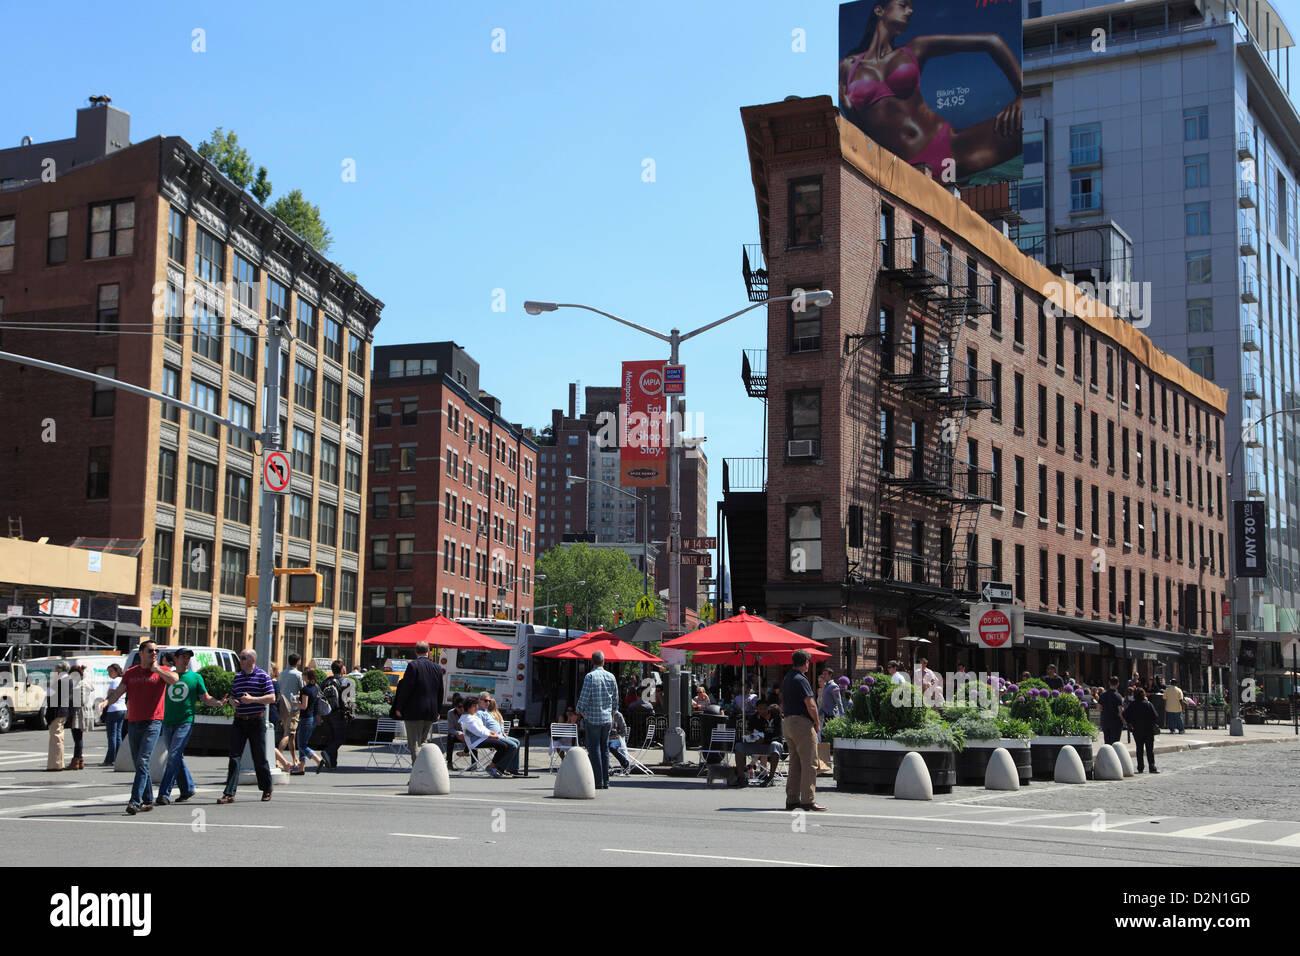 Meatpacking District, downtown Szeneviertel, Manhattan, New York City, Vereinigte Staaten von Amerika, Nordamerika Stockbild